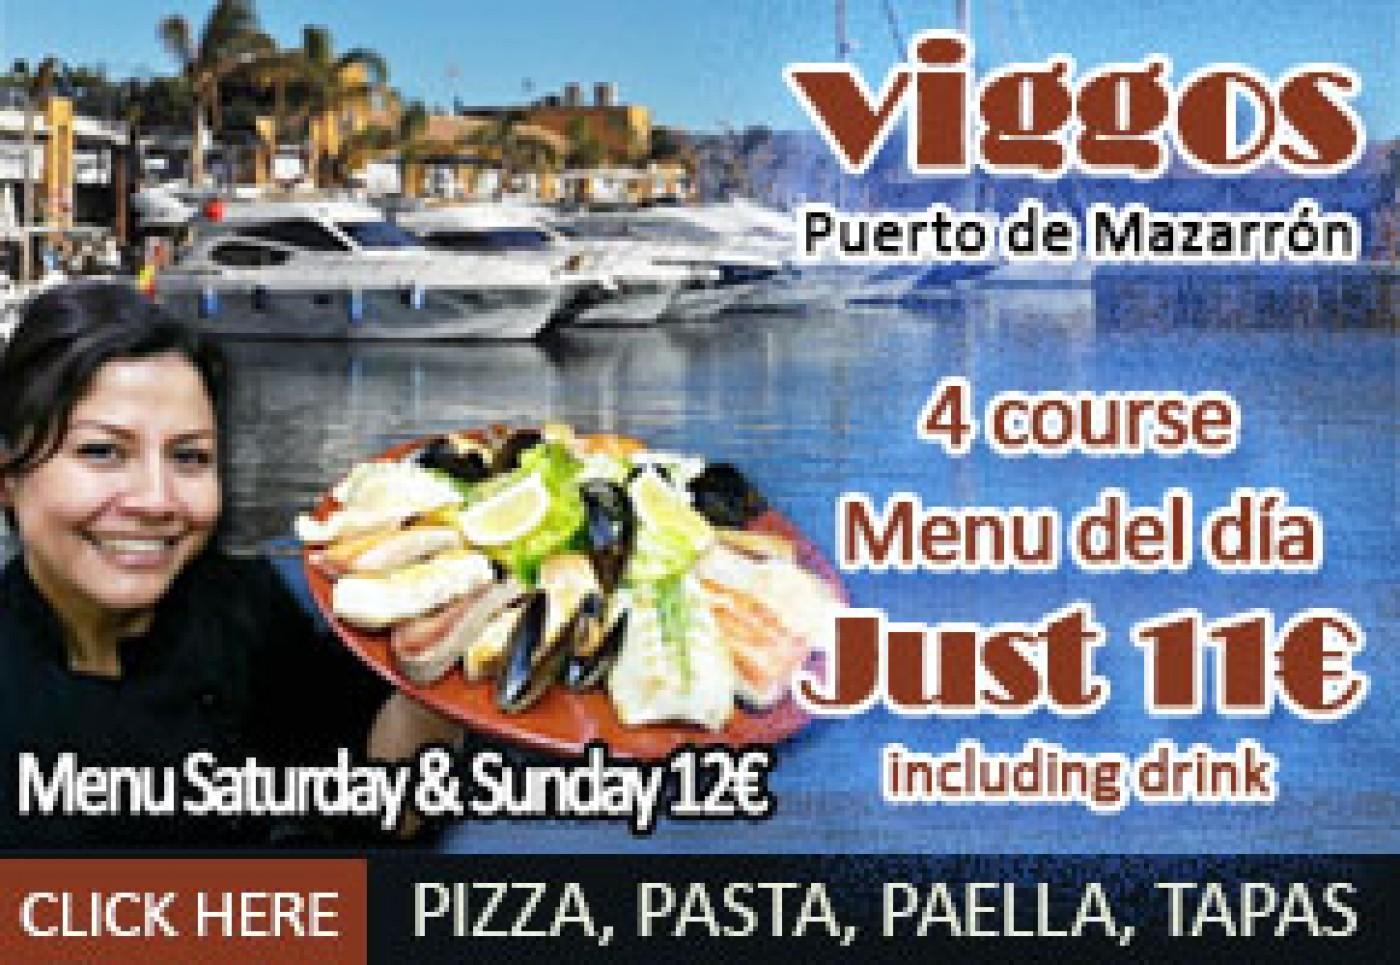 Viggos in Puerto de Mazarrón is right next to the marina